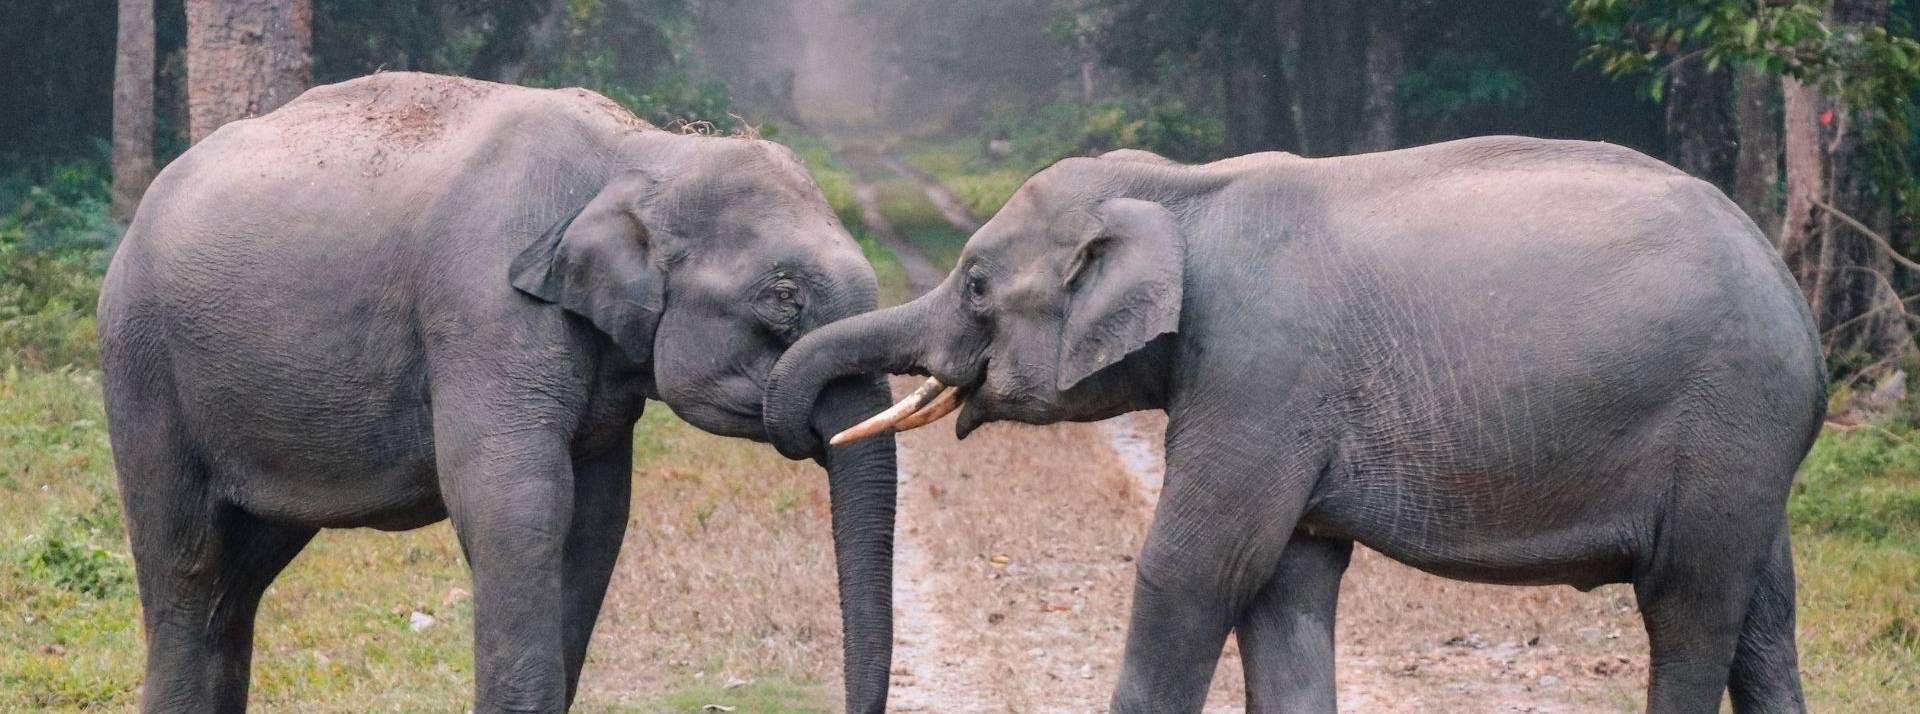 Deux élephants